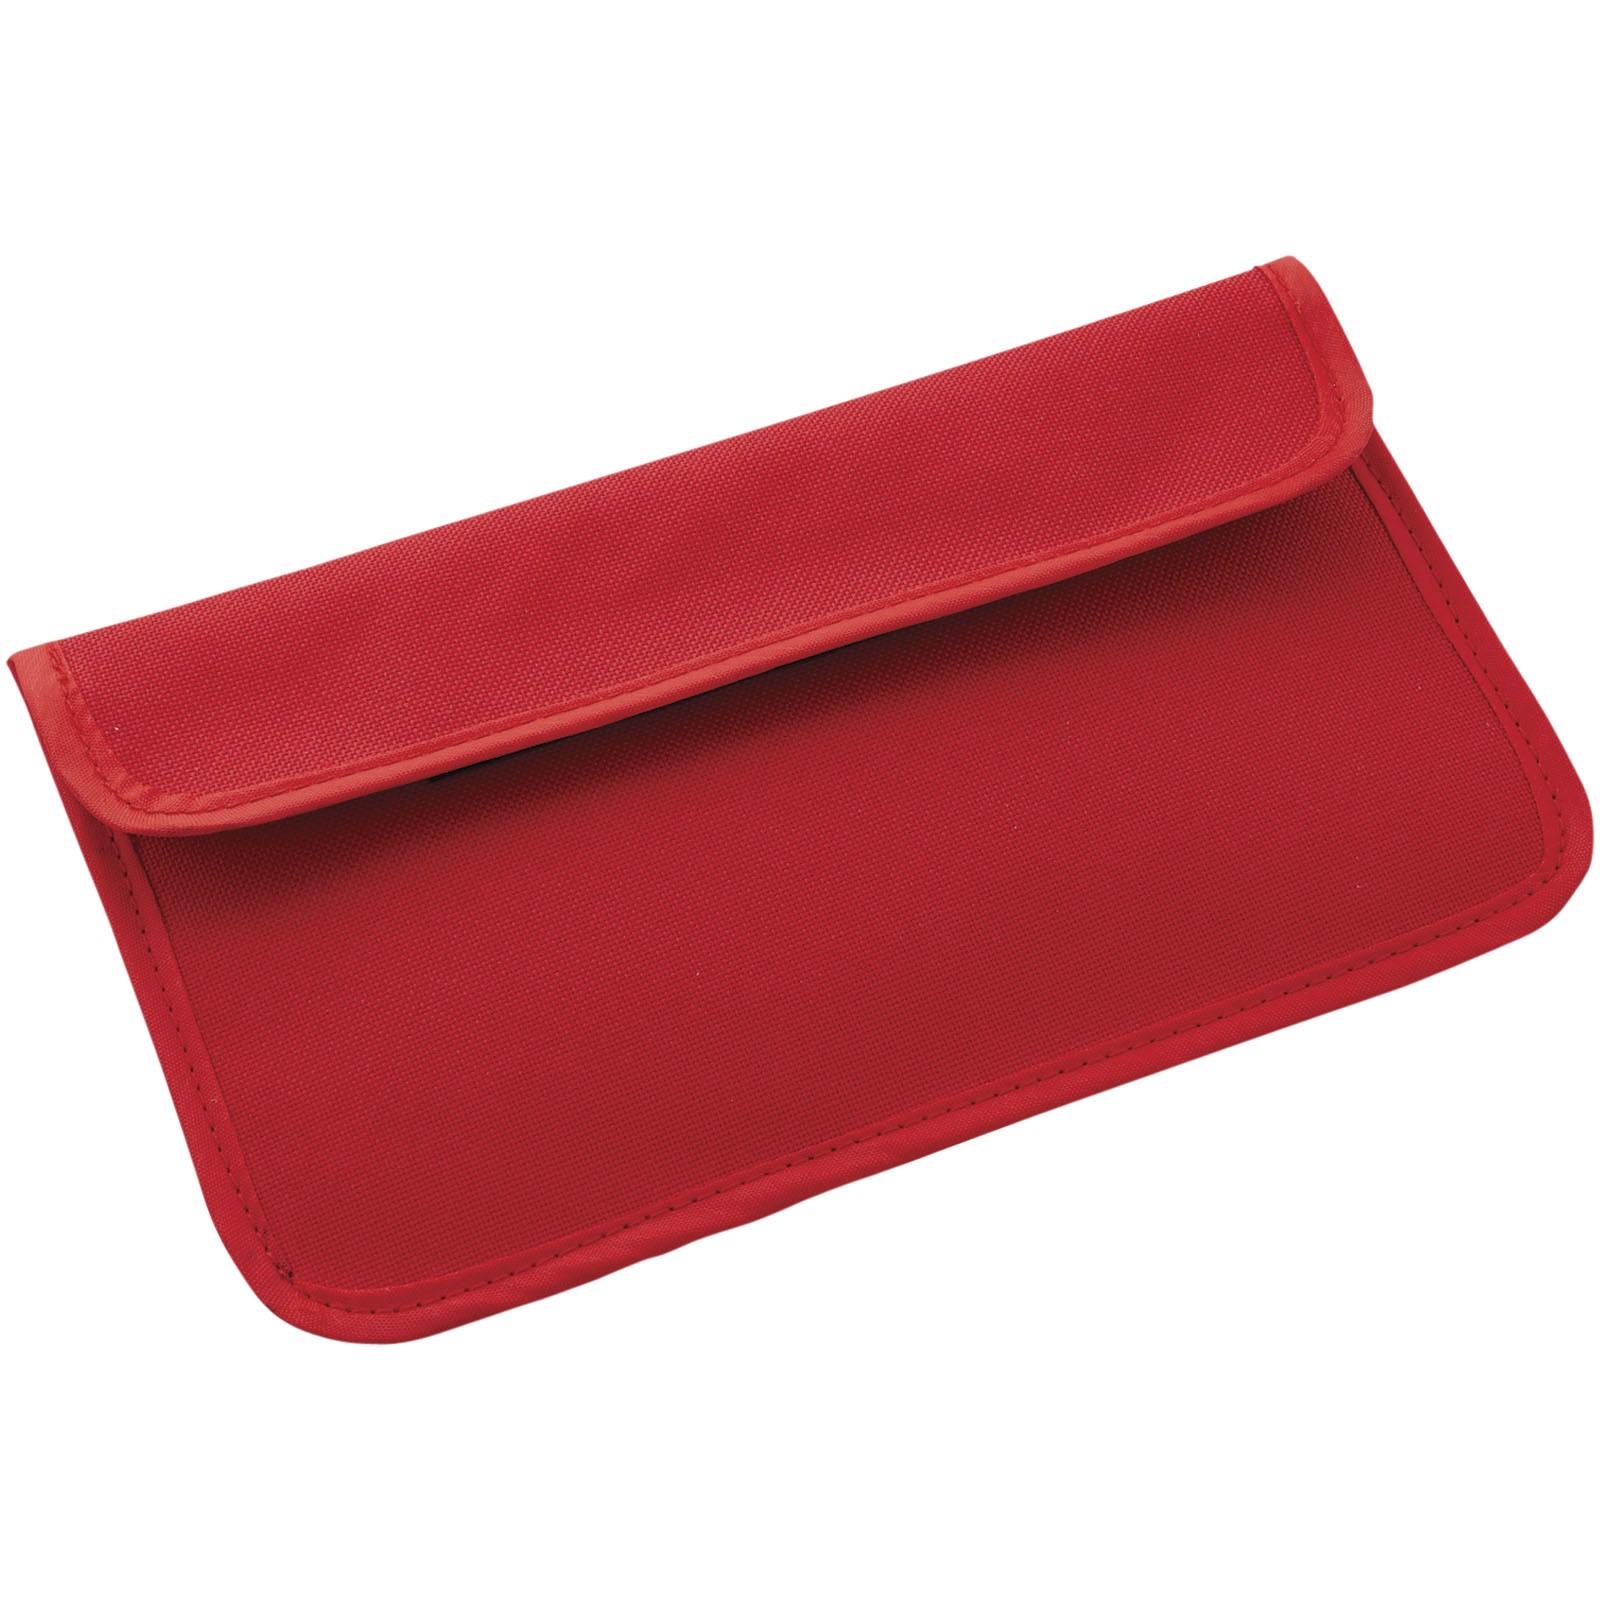 Pouzdro na telefon s blokádou RFID - Červená s efektem námrazy